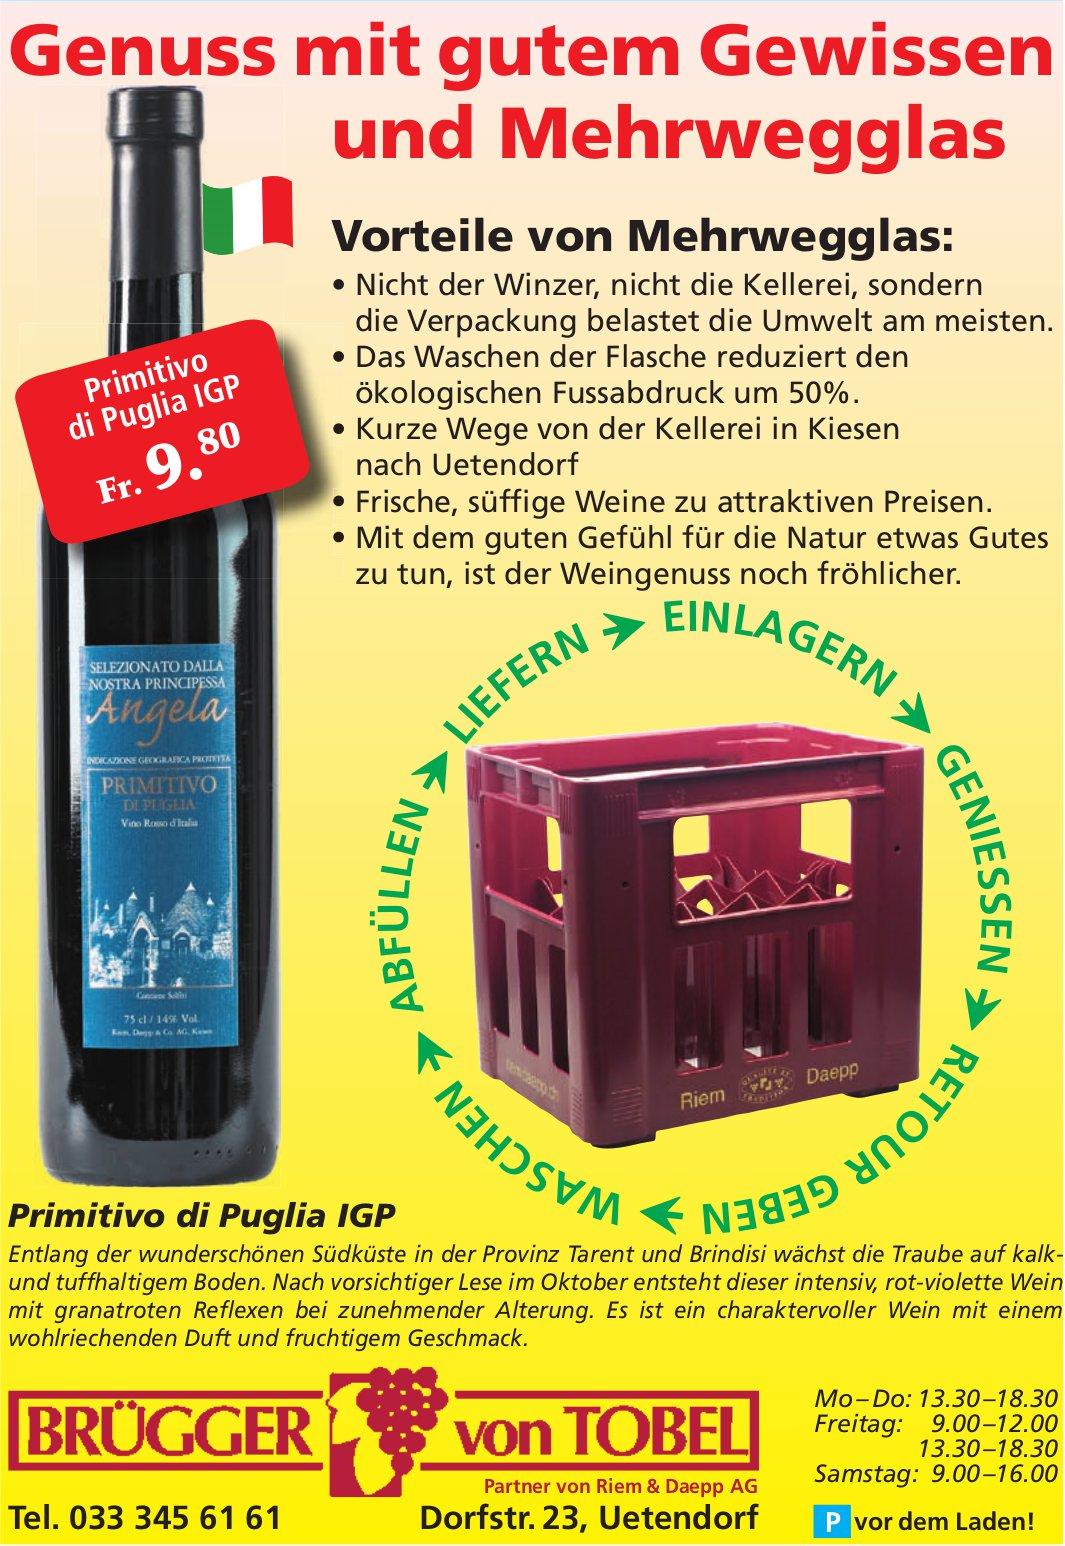 Brugger von Tobel, Uetendorf - Genuss mit gutem Gewissen und Mehrwegglas